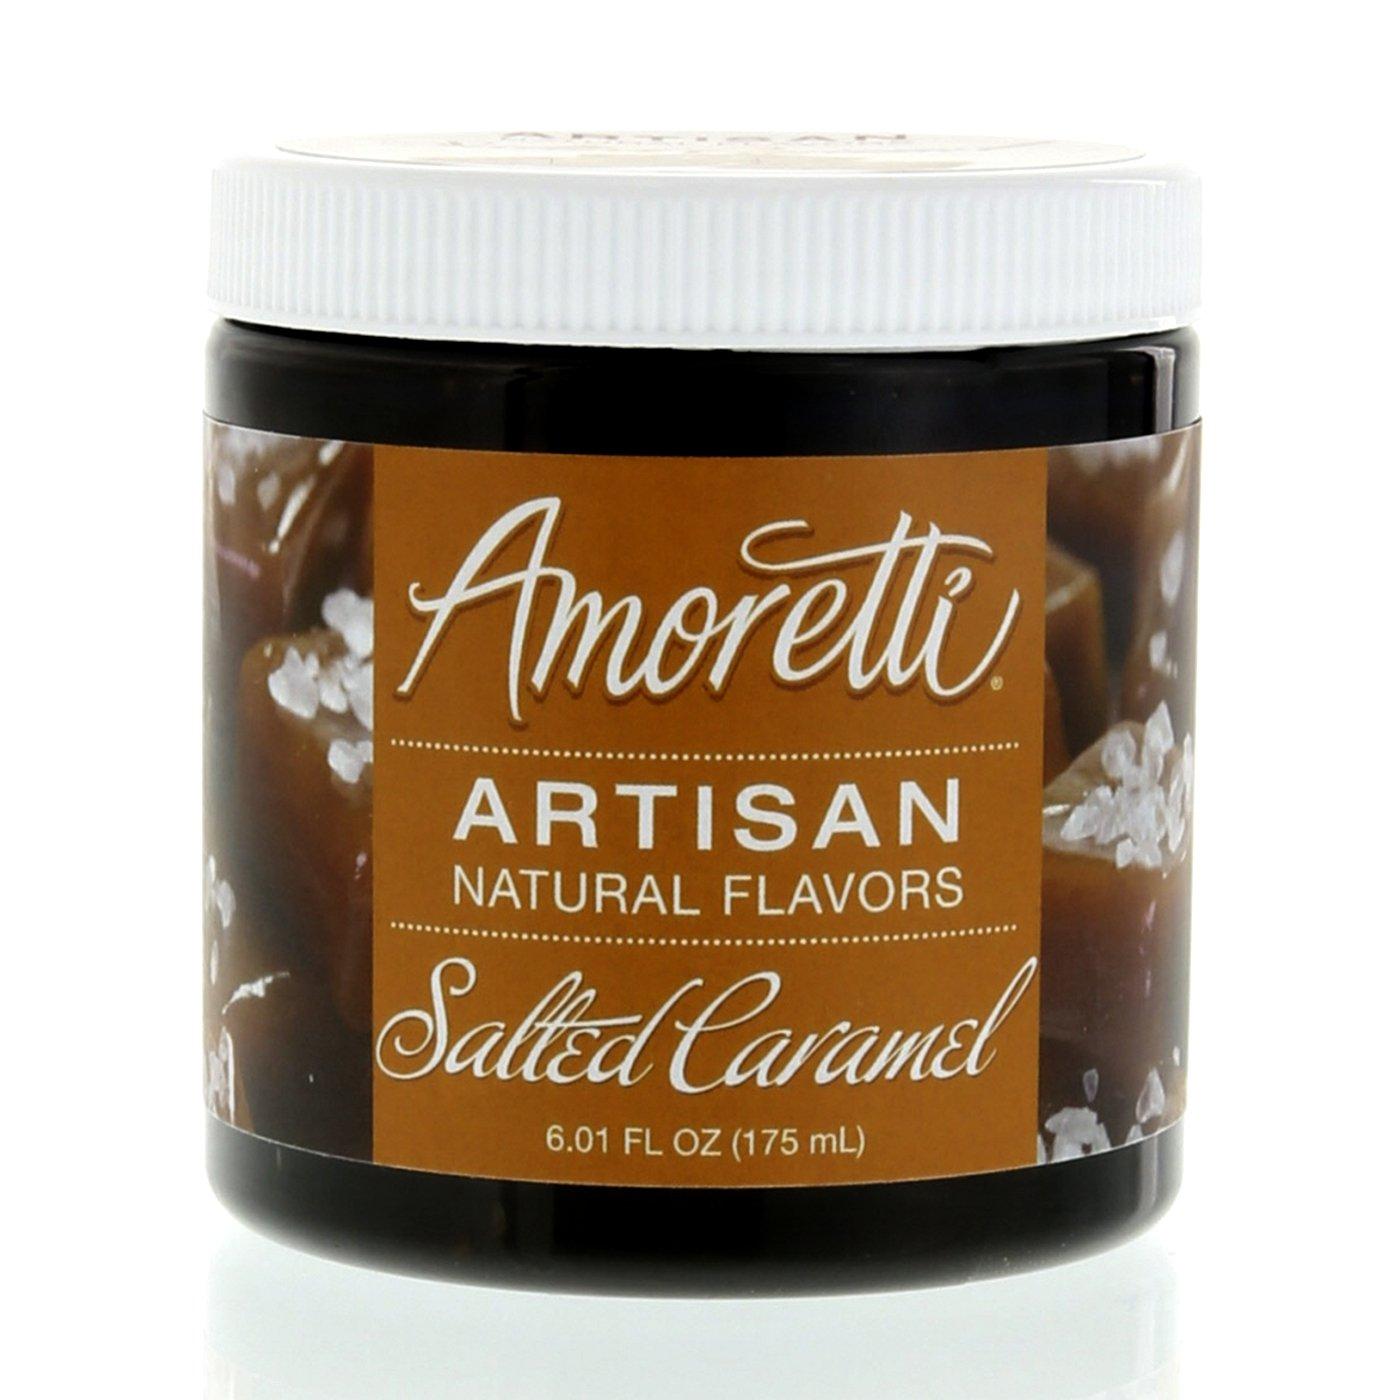 Amoretti Natural Artisan Flavor Salted Caramel, 6.01 Fluid Ounce